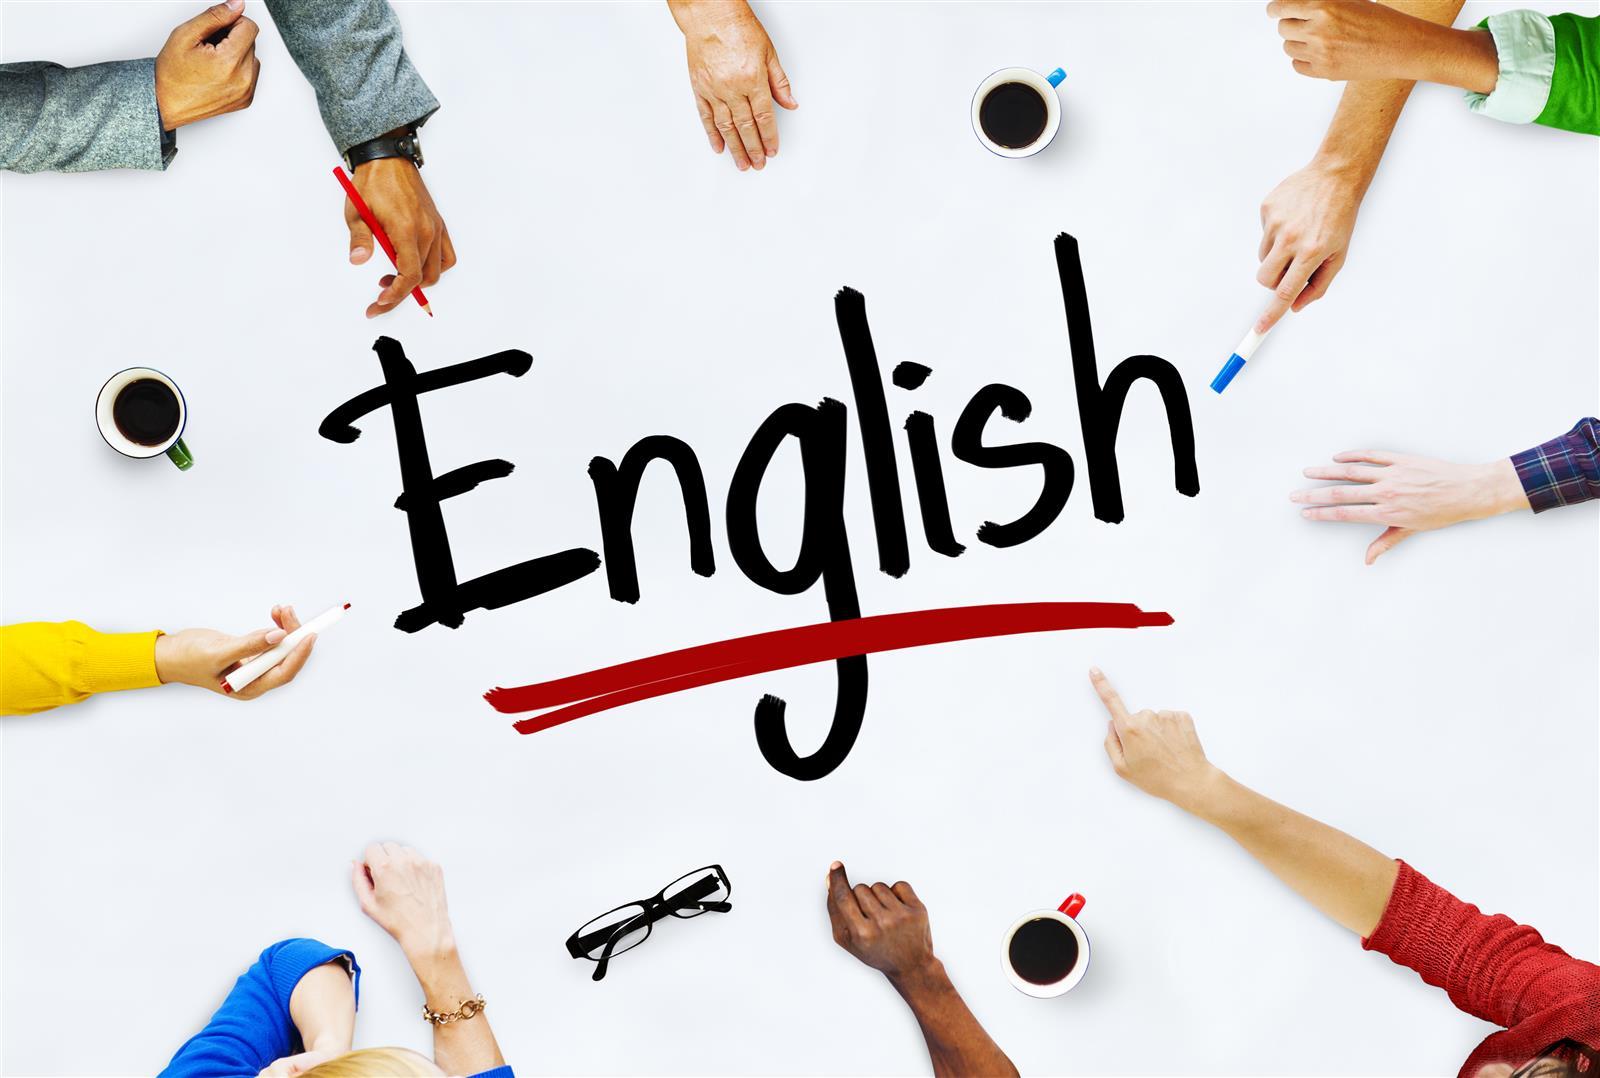 المختصر المفيد في اللغة الإنكليزية للسادس الإعدادي (للأستاذ محمد النداوي)